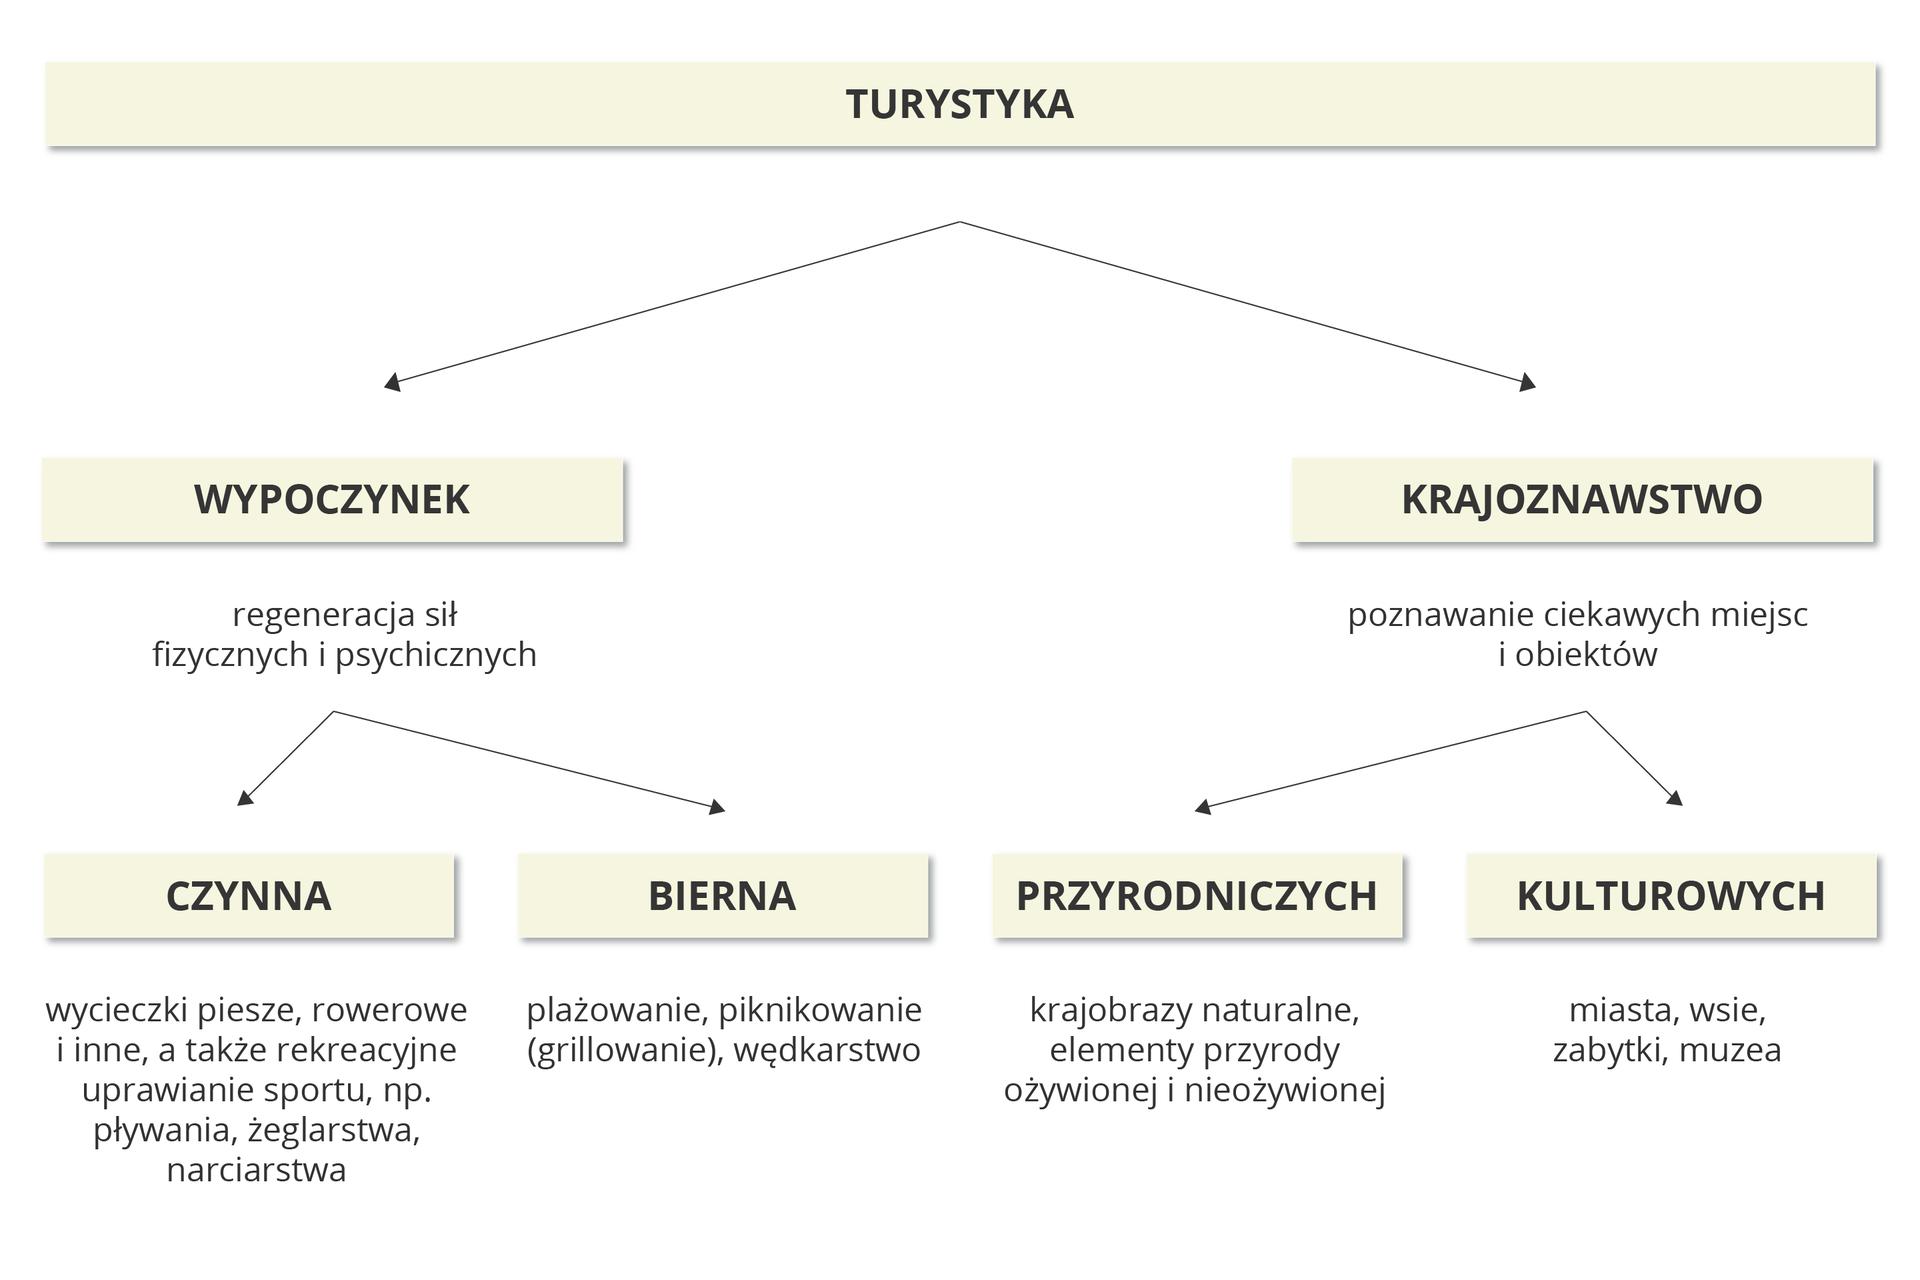 Na ilustracji schemat podziału turystyki na główne jej rodzaje – wypoczynek (czynny, bierny) ikrajoznawstwo (poznawanie ciekawych miejsc iobiektów przyrodniczych ikulturowych).